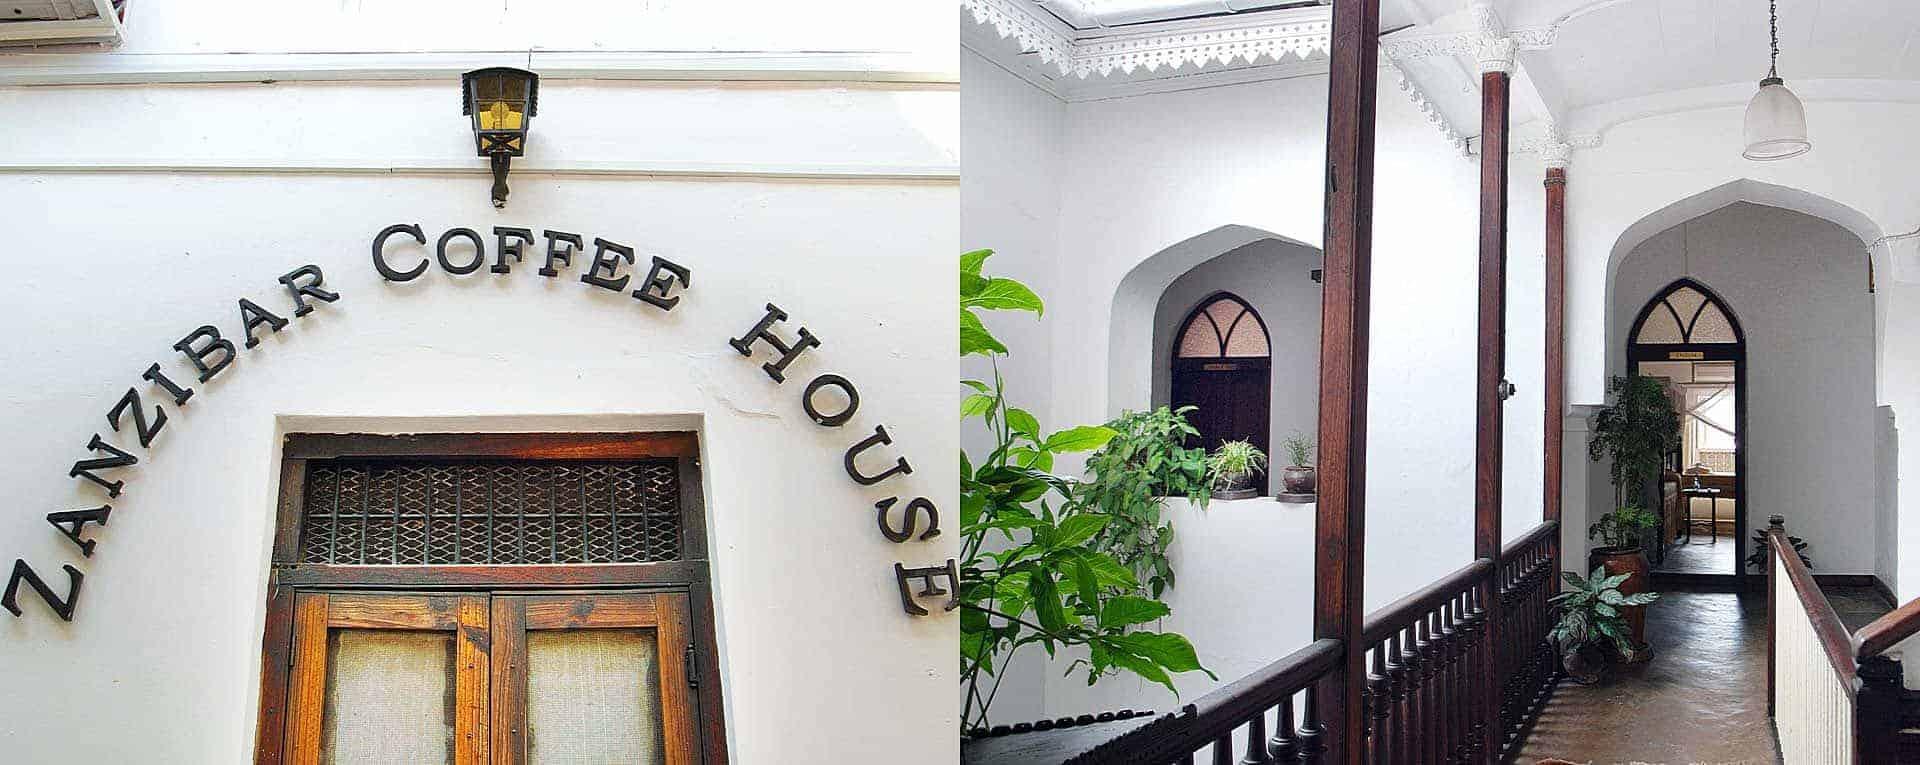 zanzibarcoffeehouse1